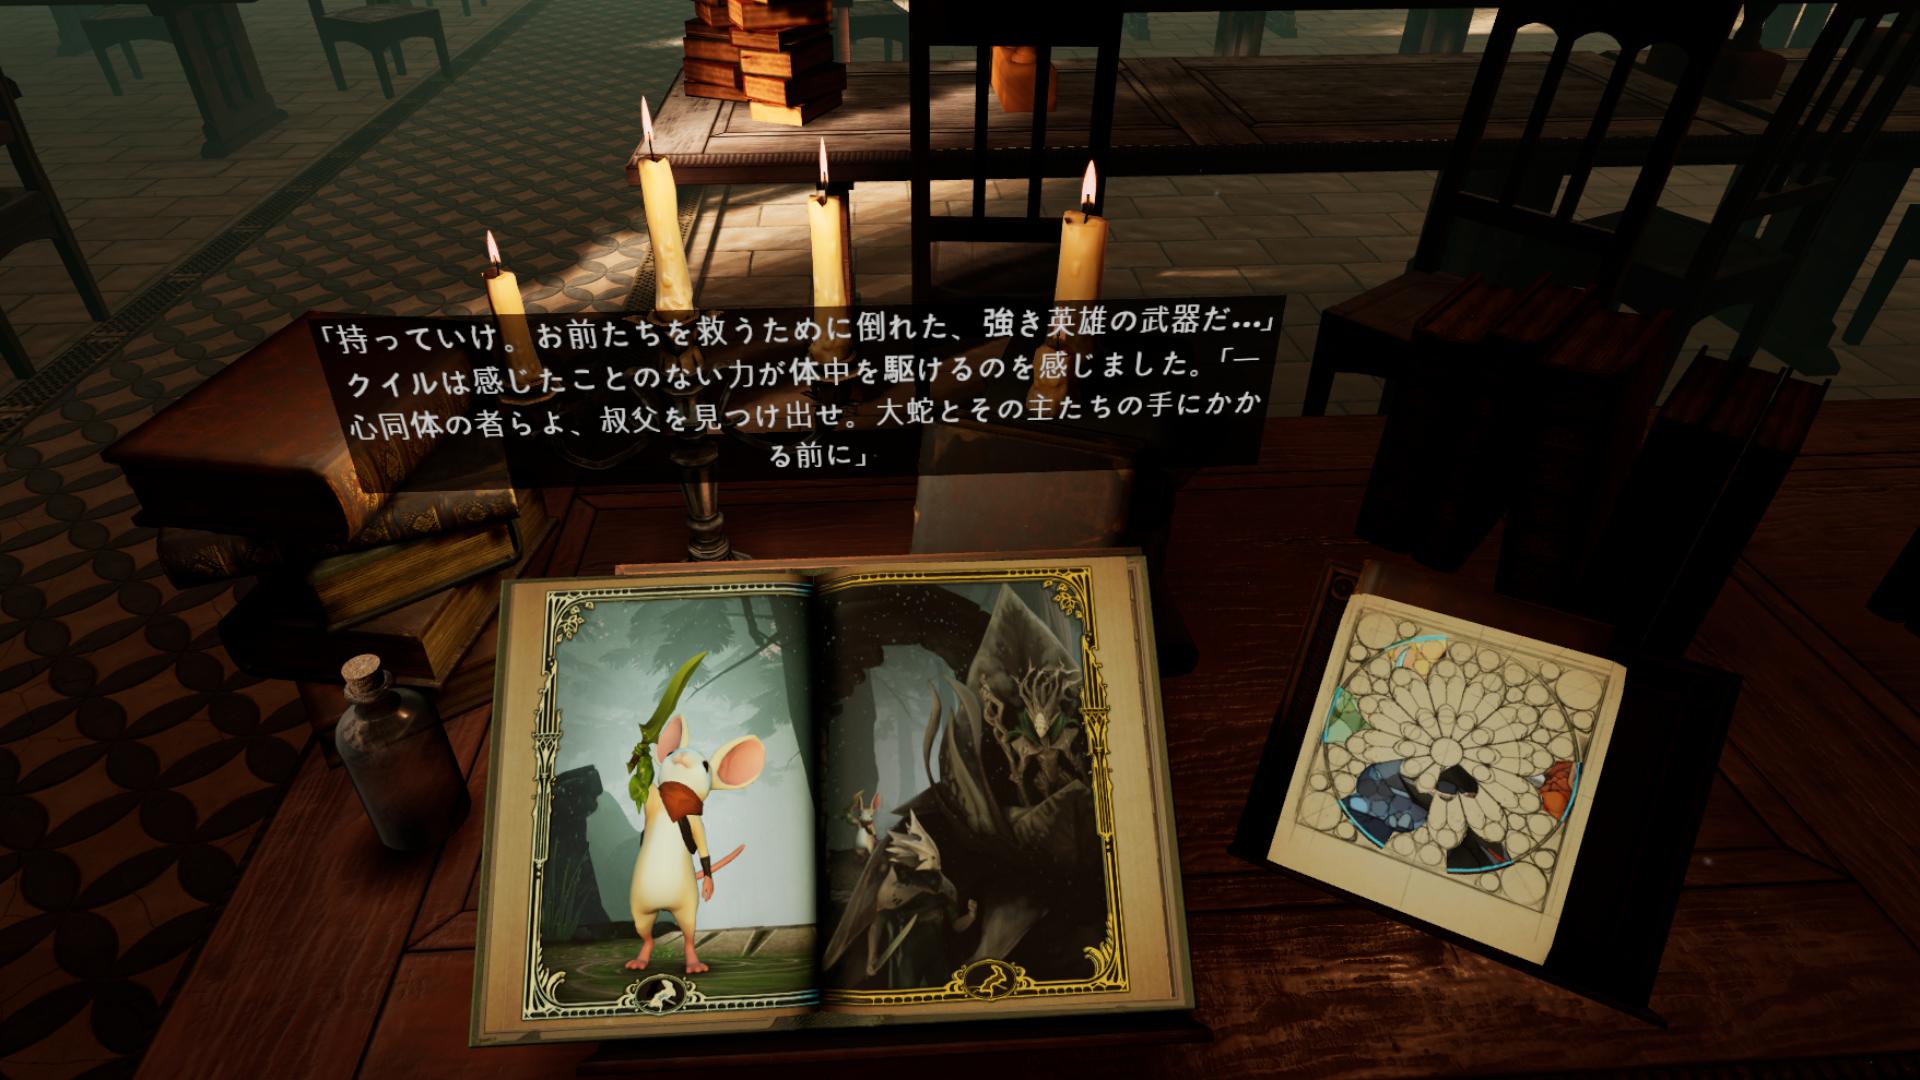 VRゲーム【Moss】のクリア所要時間は5時間くらい